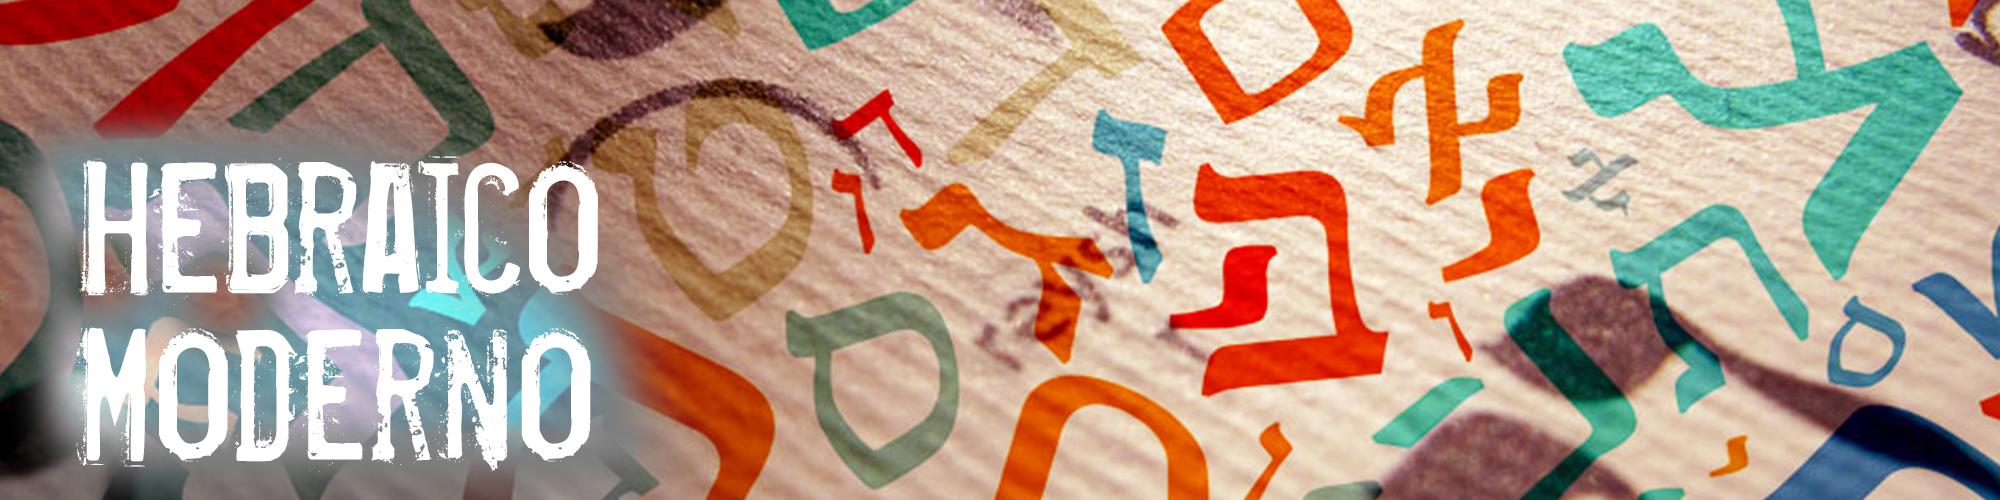 Aulas de Hebraico Moderno para todos os níveis – período noturno